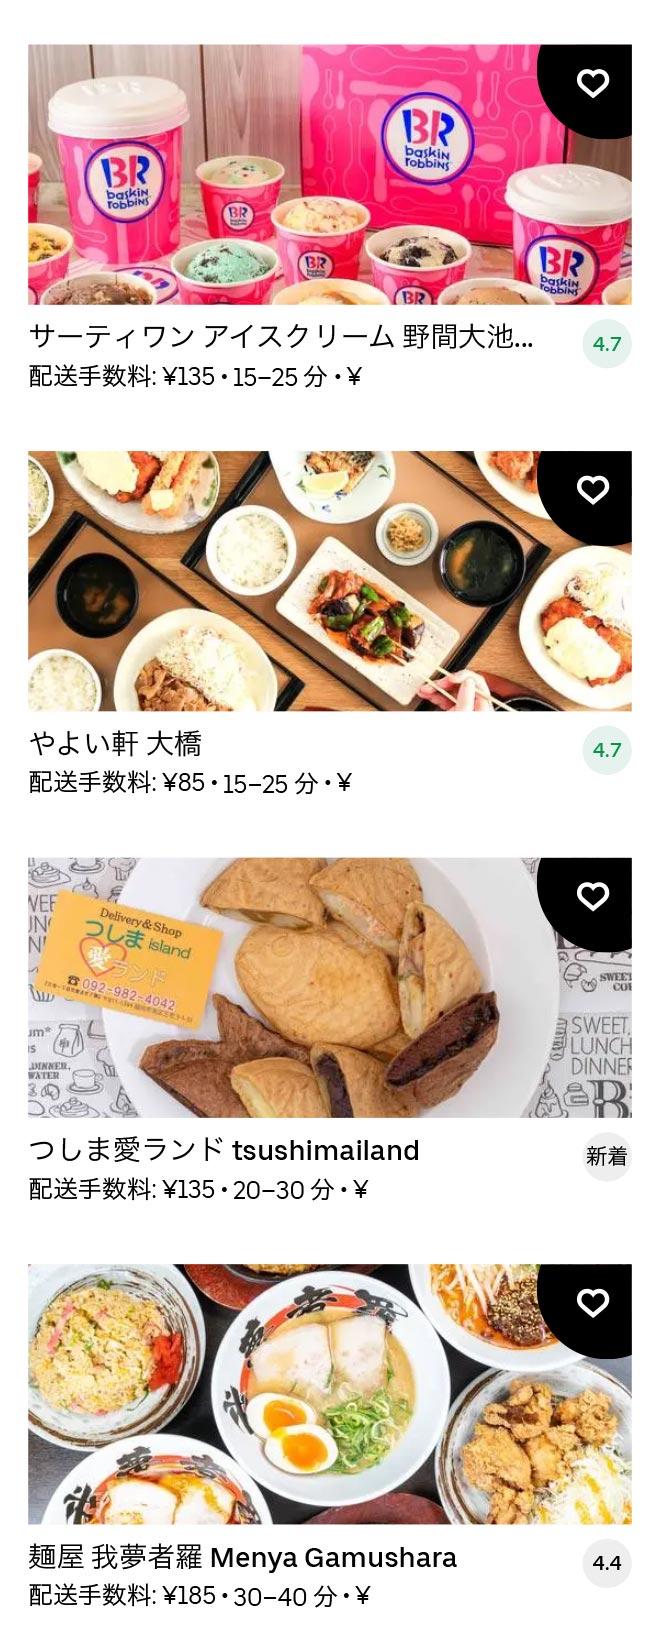 Oohashi menu 2101 09